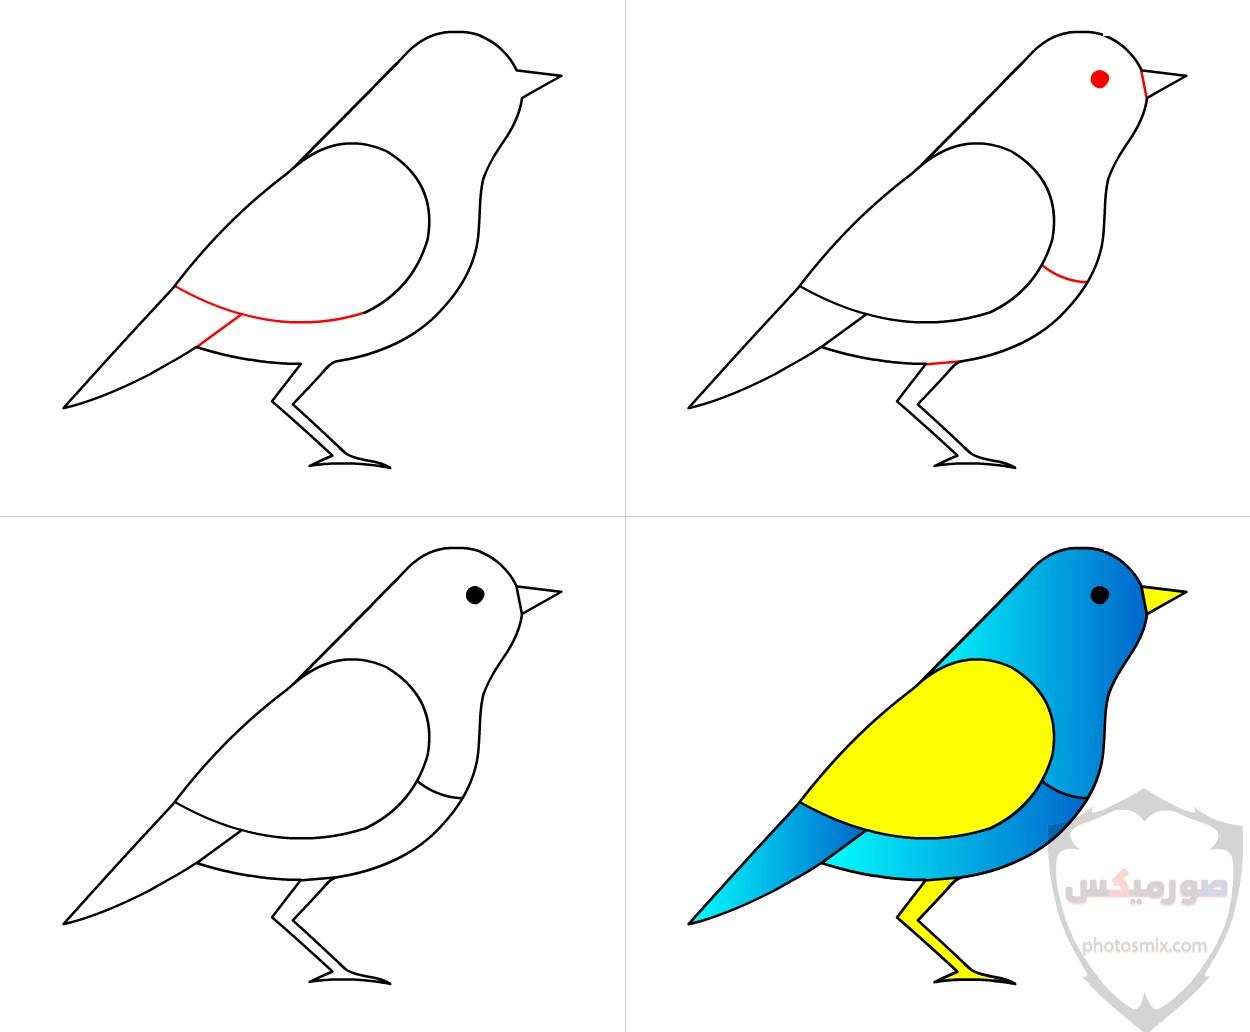 عصافير جميلةاجمل عصافير الحبأجمل طيور العالم بالصوراجمل الصور عصافير كناري 1